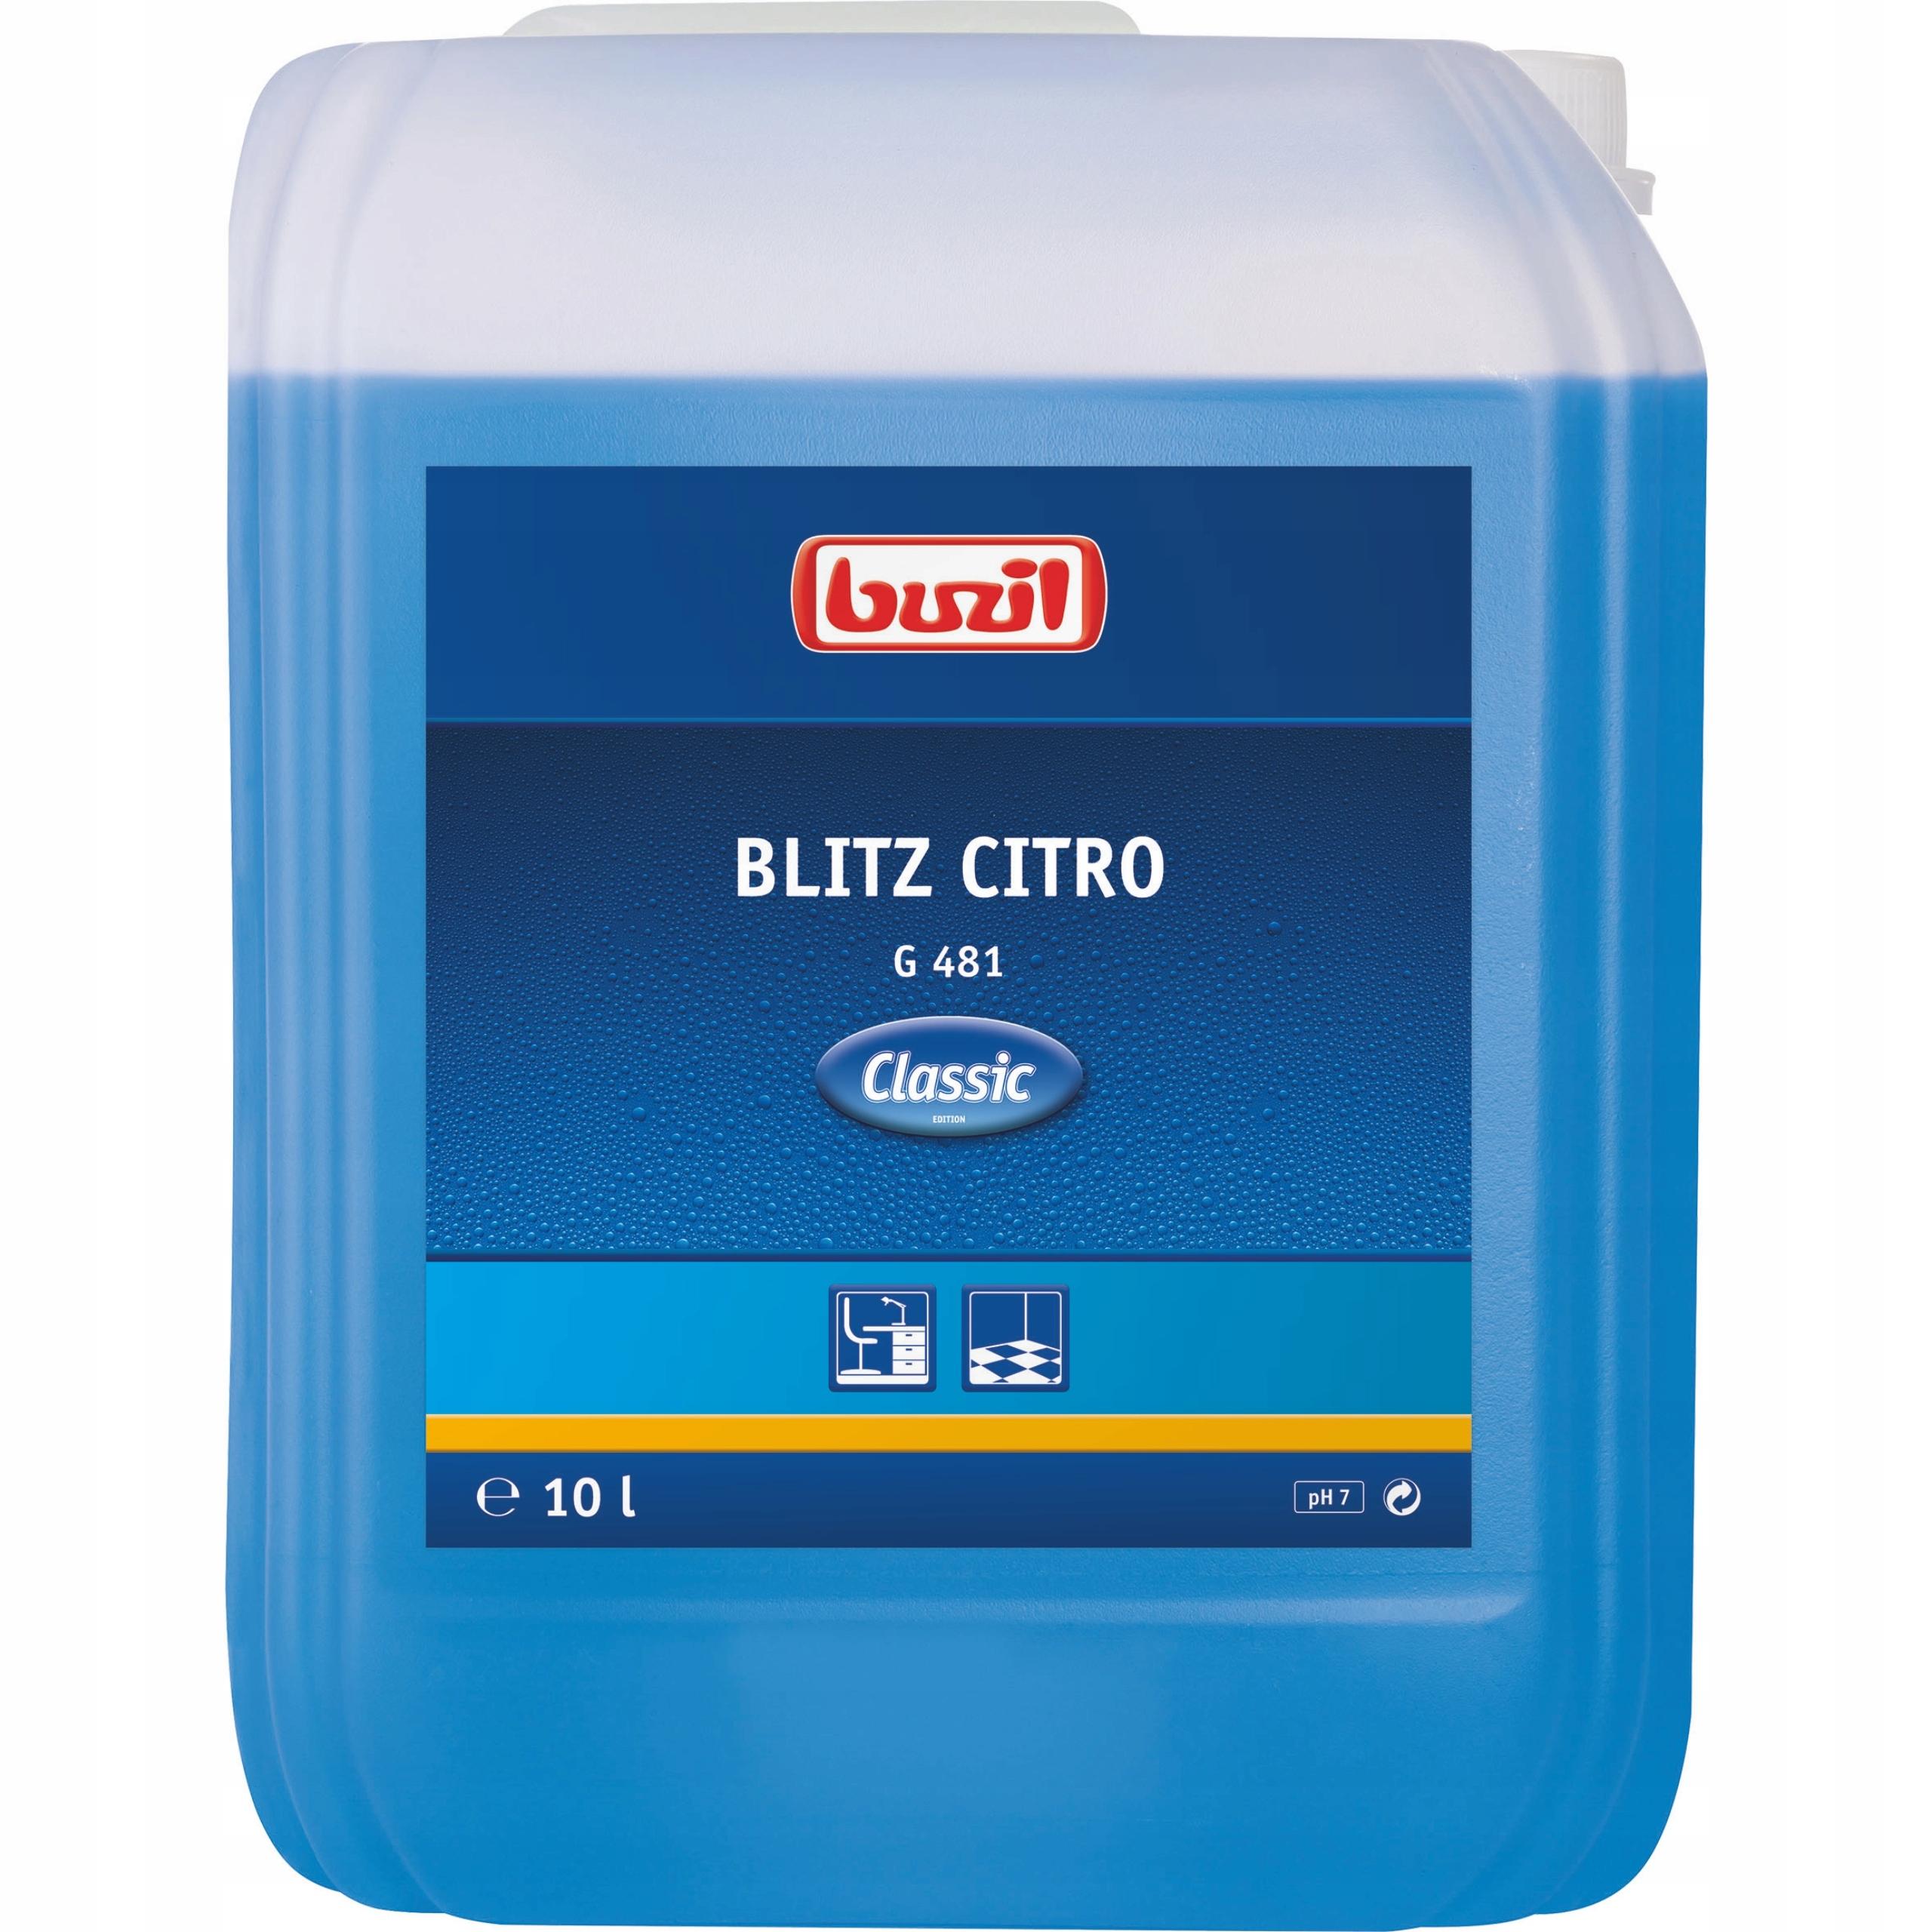 Uniwersalny środek Blitz Citro Buzil G481 10l